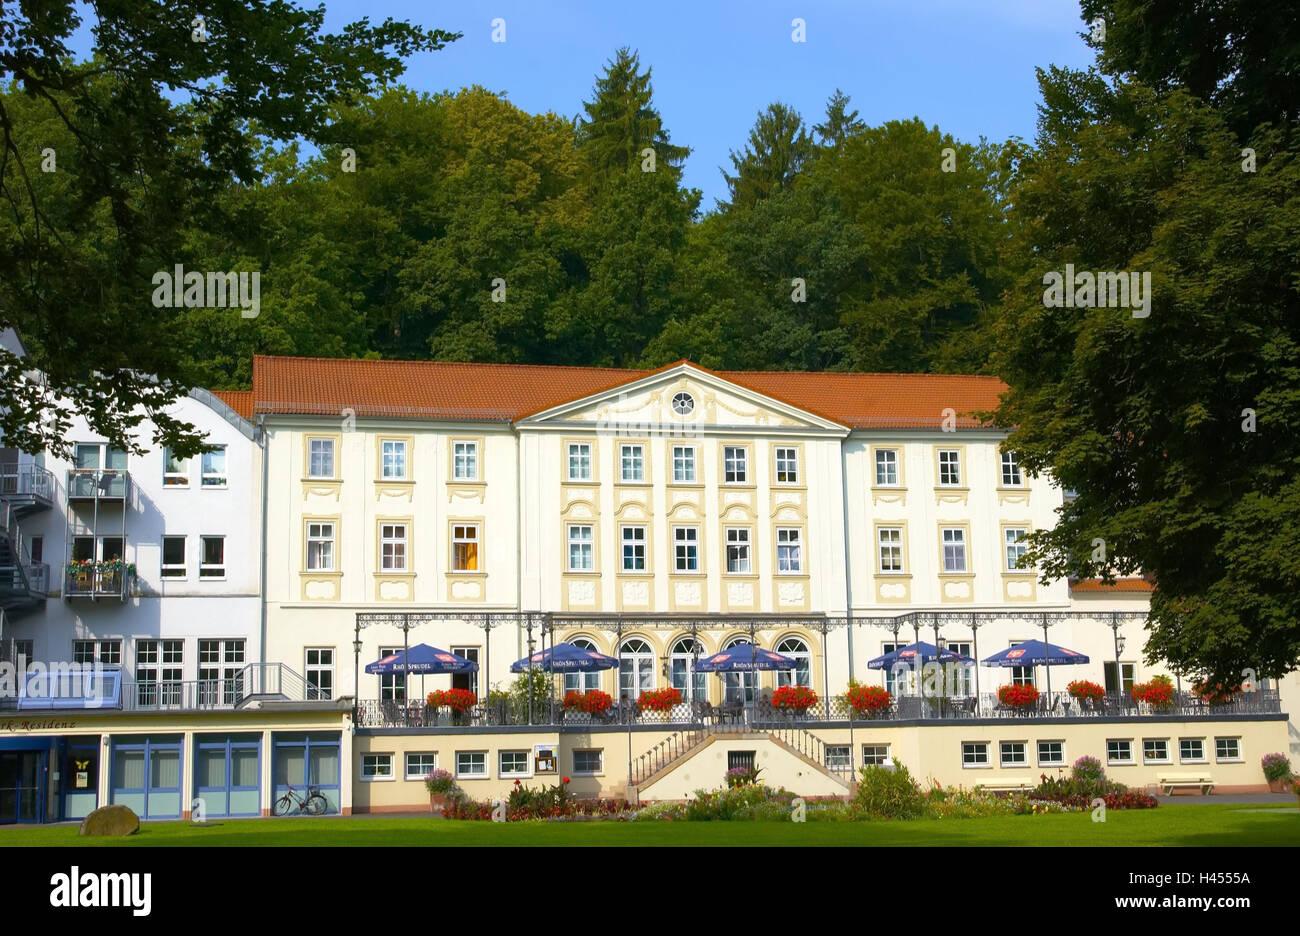 Deutschland Hessen Rhon Bad Salzschlirf Gesundheit Health